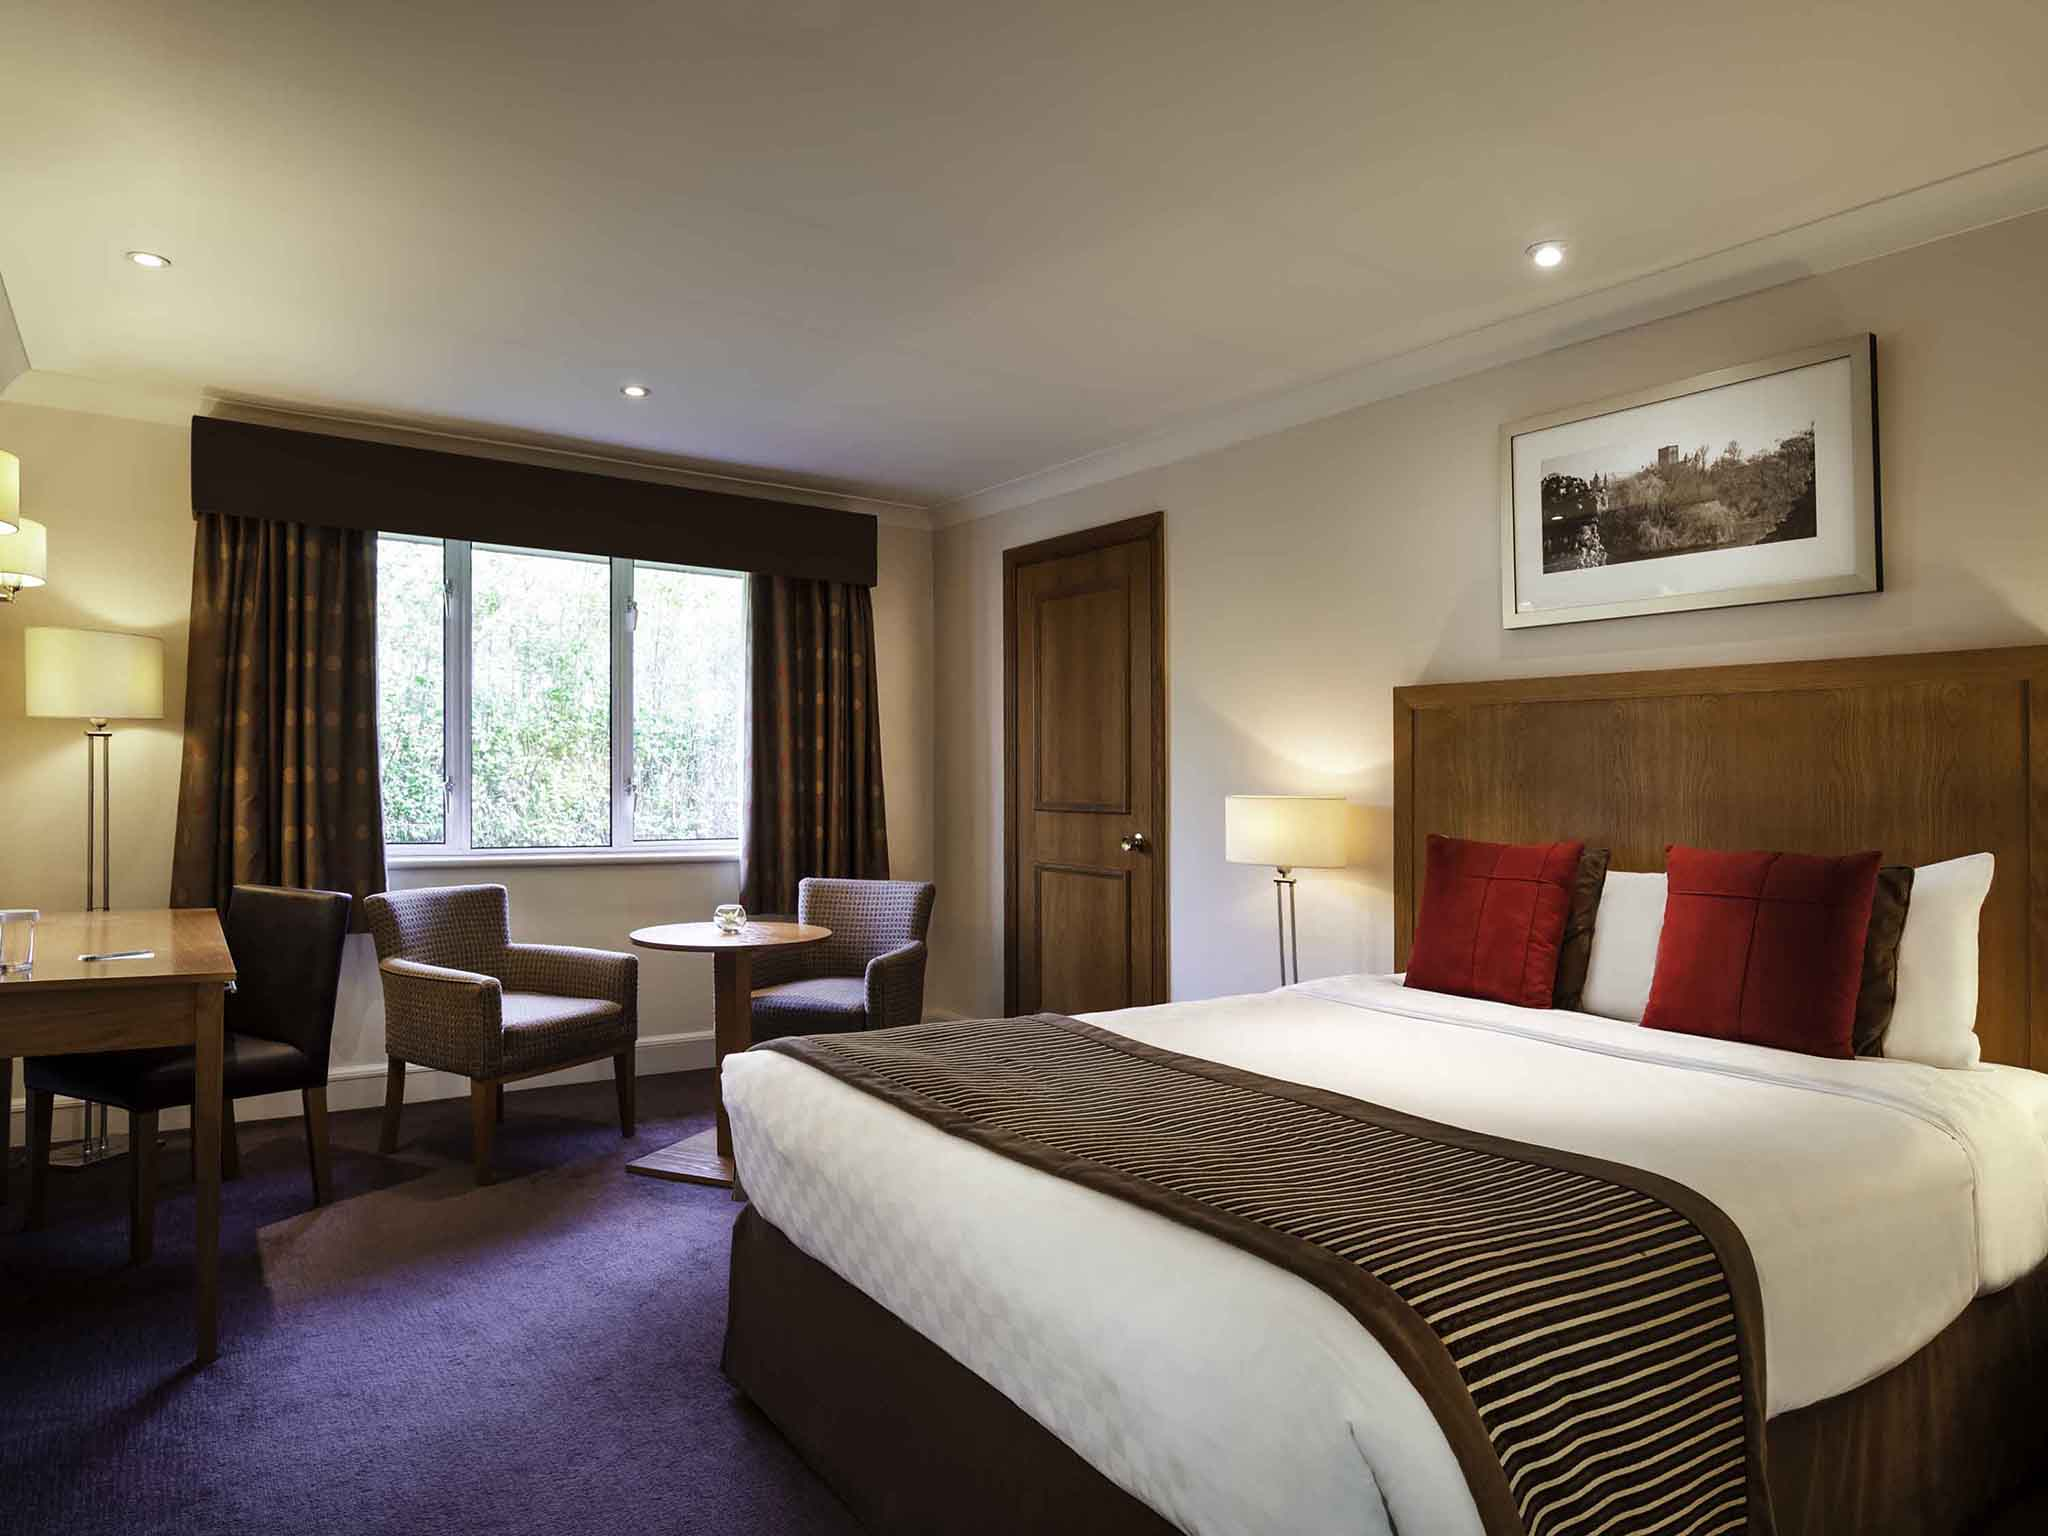 mercure st albans noke hotel hotel in st albans. Black Bedroom Furniture Sets. Home Design Ideas